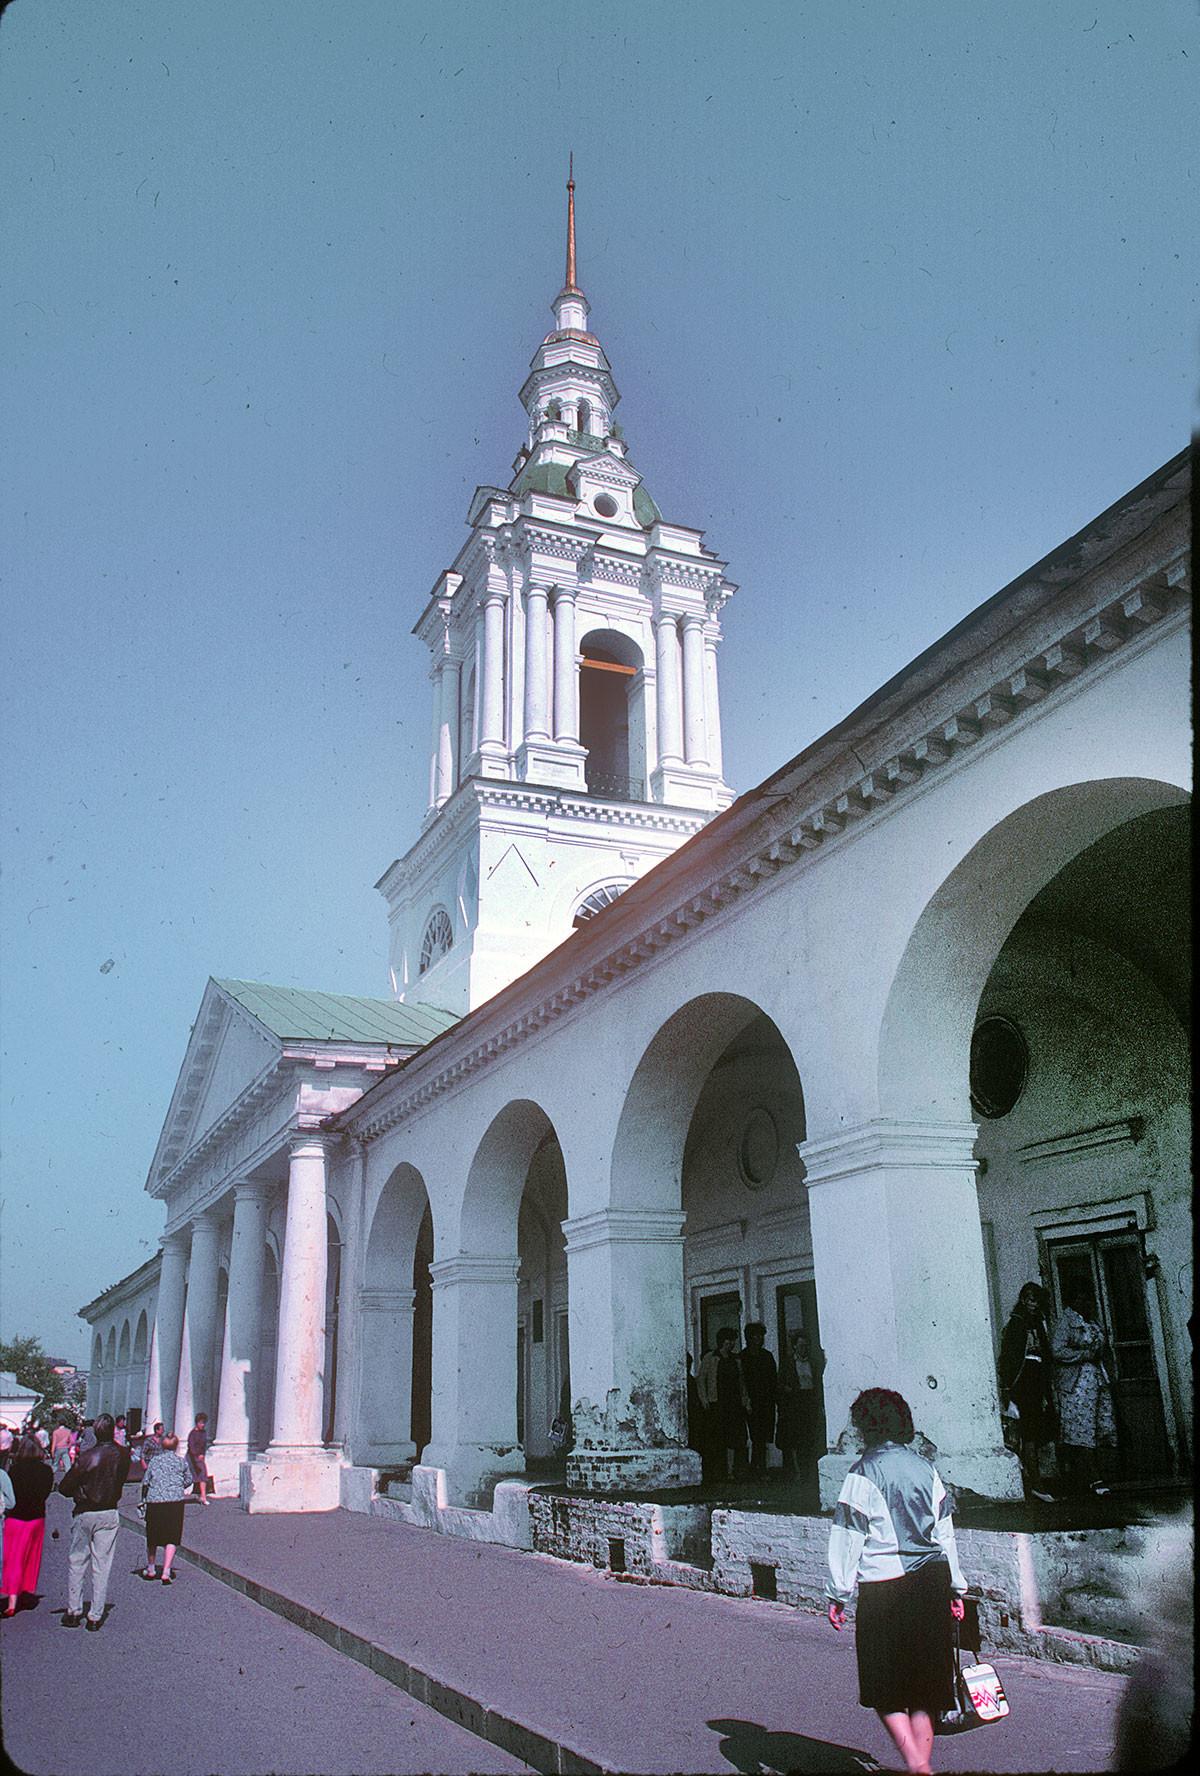 Rdeče trgovske arkade s cerkvijo Ikone milostljivega odrešenika med trgovskimi arkadami. 22. avgust 1988